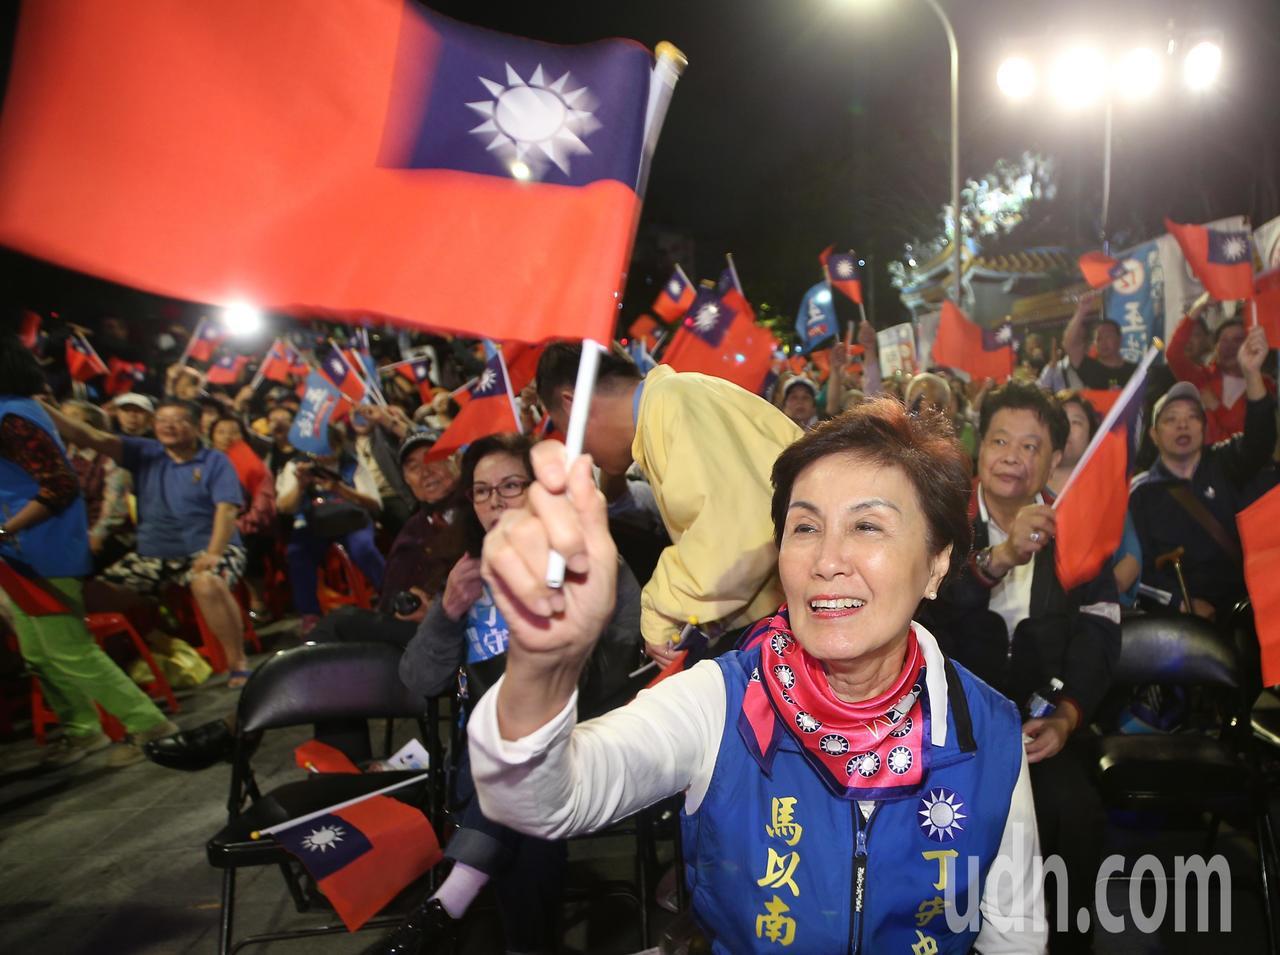 前總統馬英九姊姊馬以南(圖)坐在台前,與支持民眾合唱「夜襲」。記者陳正興/攝影